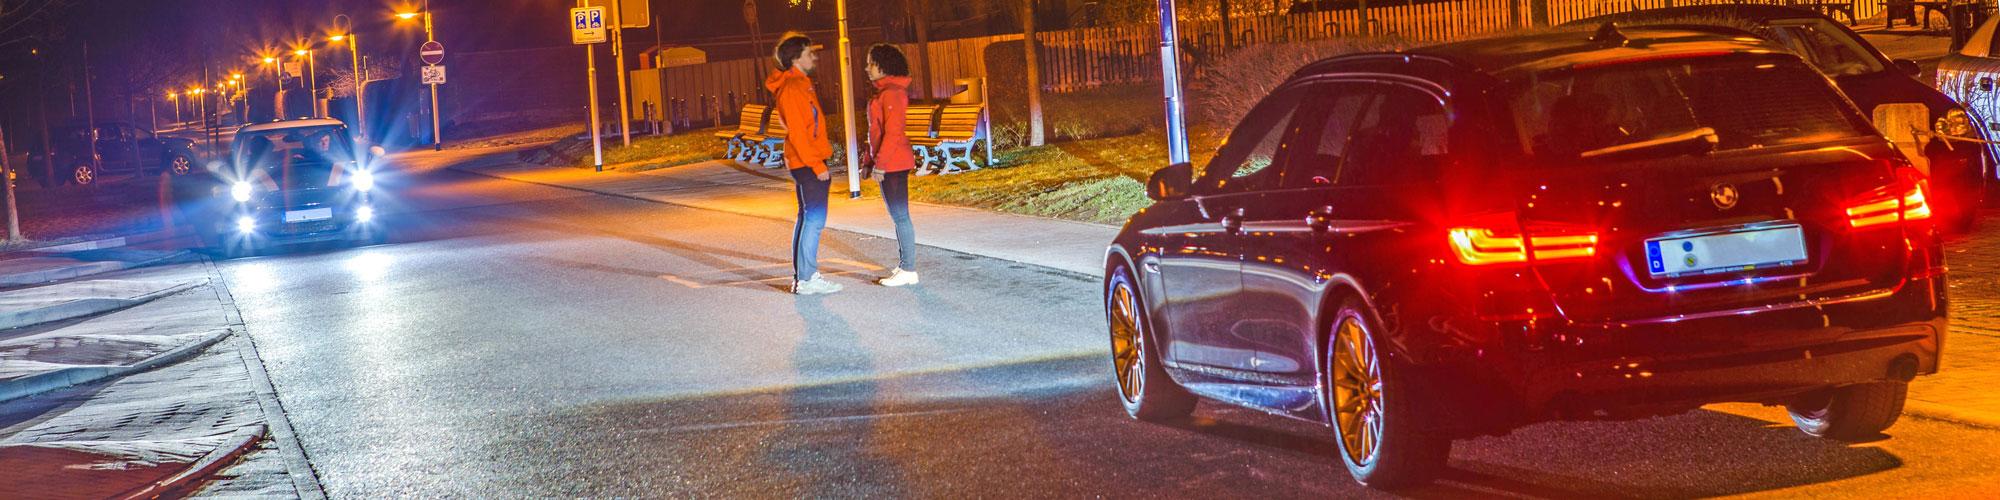 Unfallanalyse bei Nacht: Auf einer Straße stehen sich ein Mann und eine Frau bei Nacht gegenüber, aus beiden Richtungen kommen Autos mit eingeschaltetem Licht, neben der Straße befindet sch ein beleuchteter Fußweg